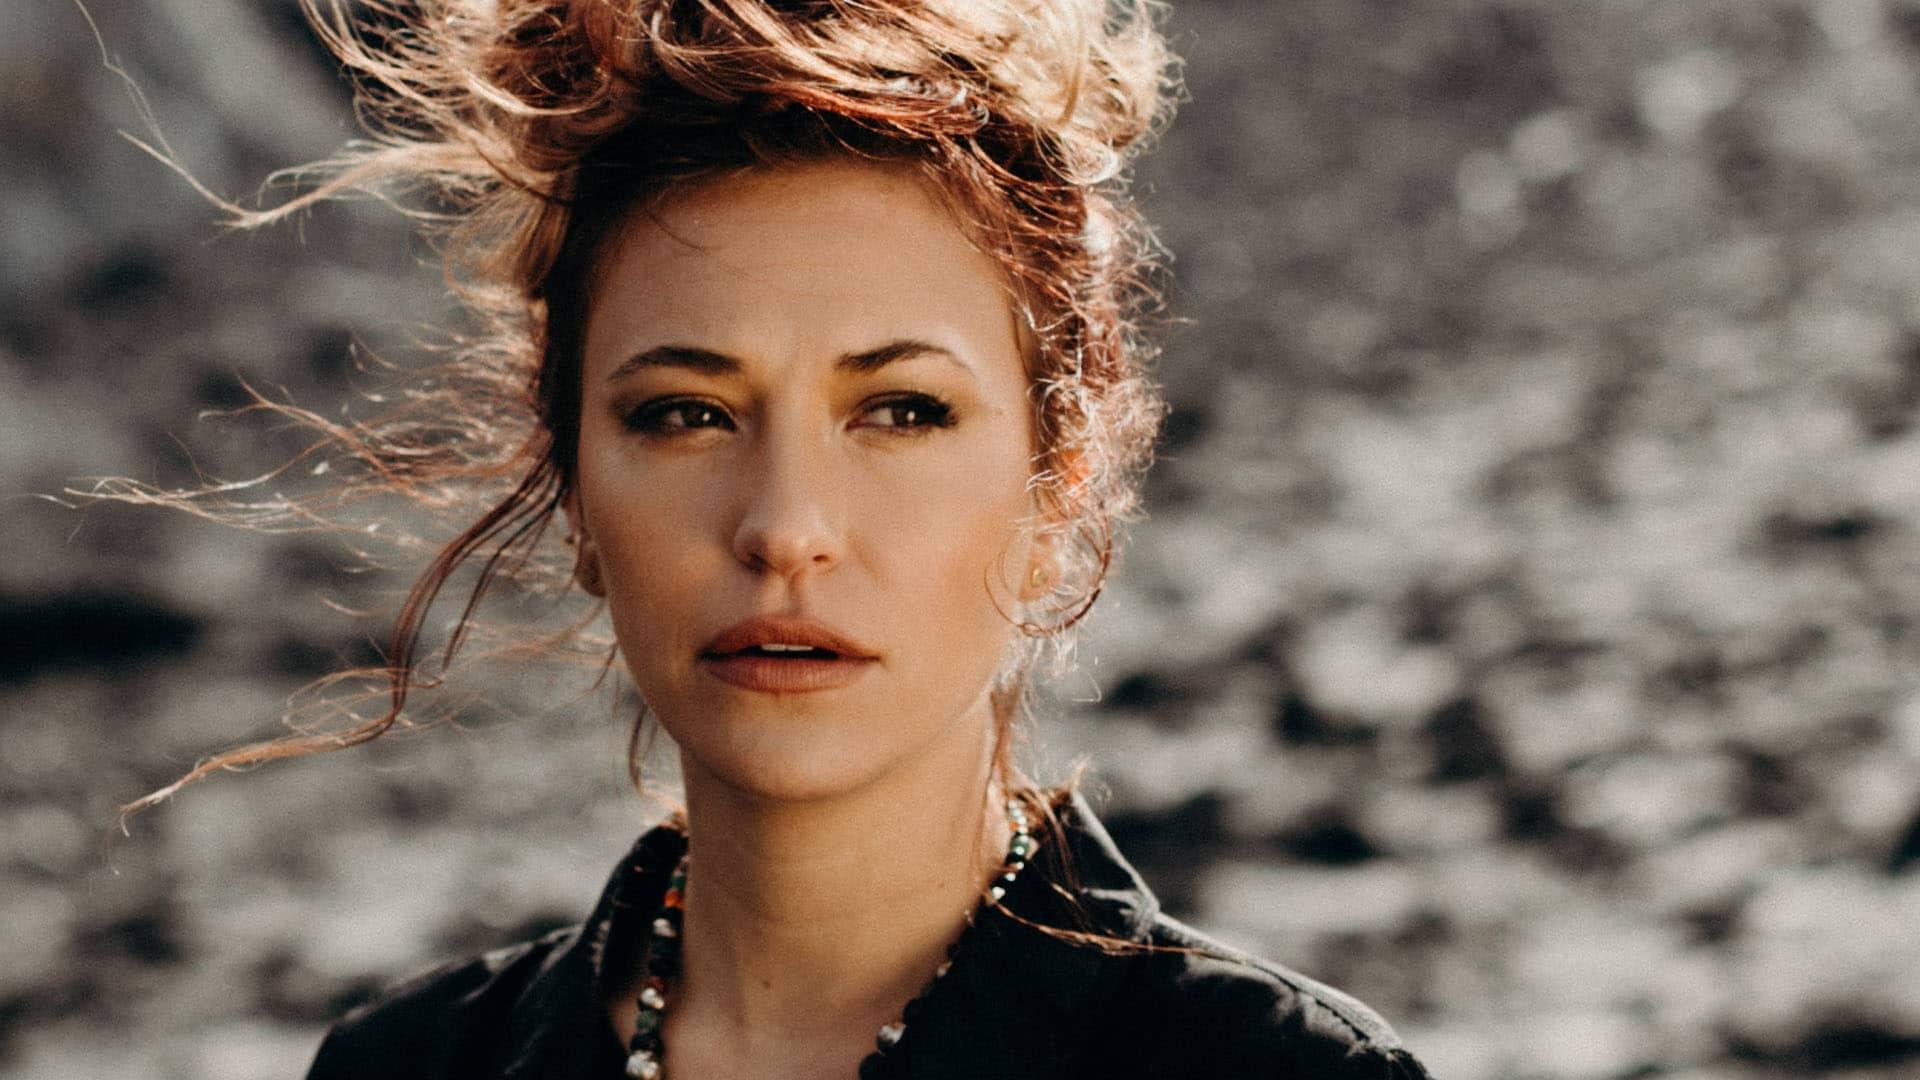 """Nachdem ihr Song """"You Say"""" im Herbst 2019 mehr als 62 Wochen auf Platz eins der christlichen Billboard-Charts rangierte, brach sie damit den Rekord Hillsong United mit """"Oceans"""""""